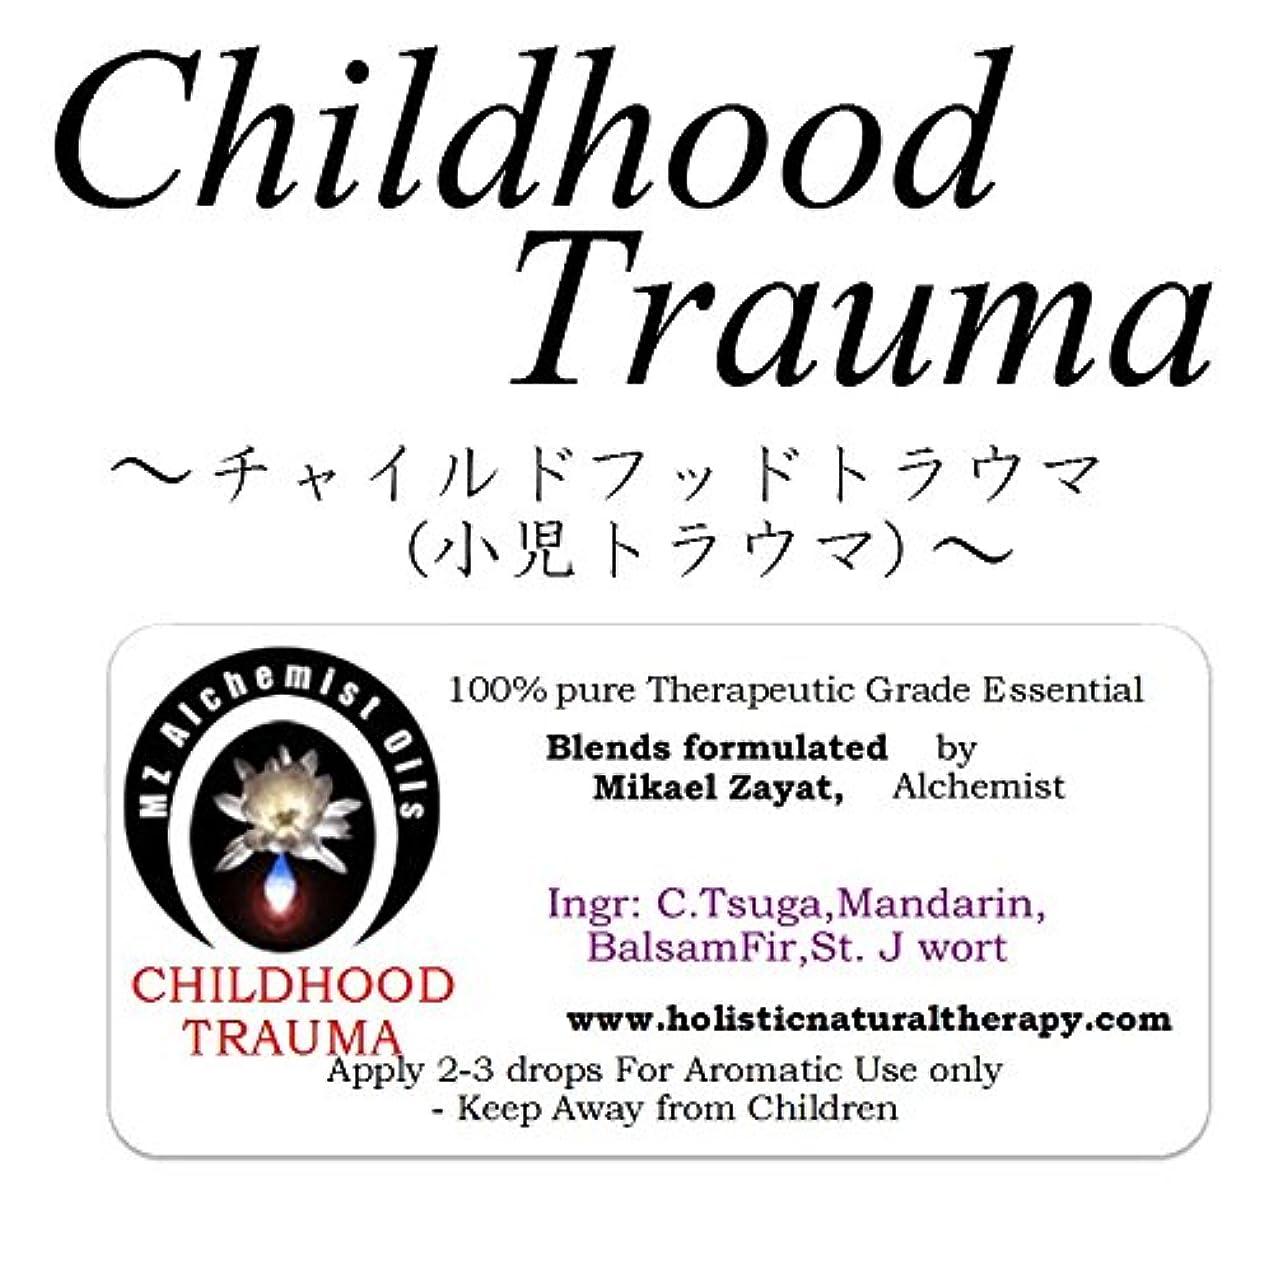 哲学博士区画軽蔑するミカエルザヤットアルケミストオイル セラピストグレードアロマオイル Childhood Trauma-チャイルドフット?トラウマ(小児トラウマ)- 4ml